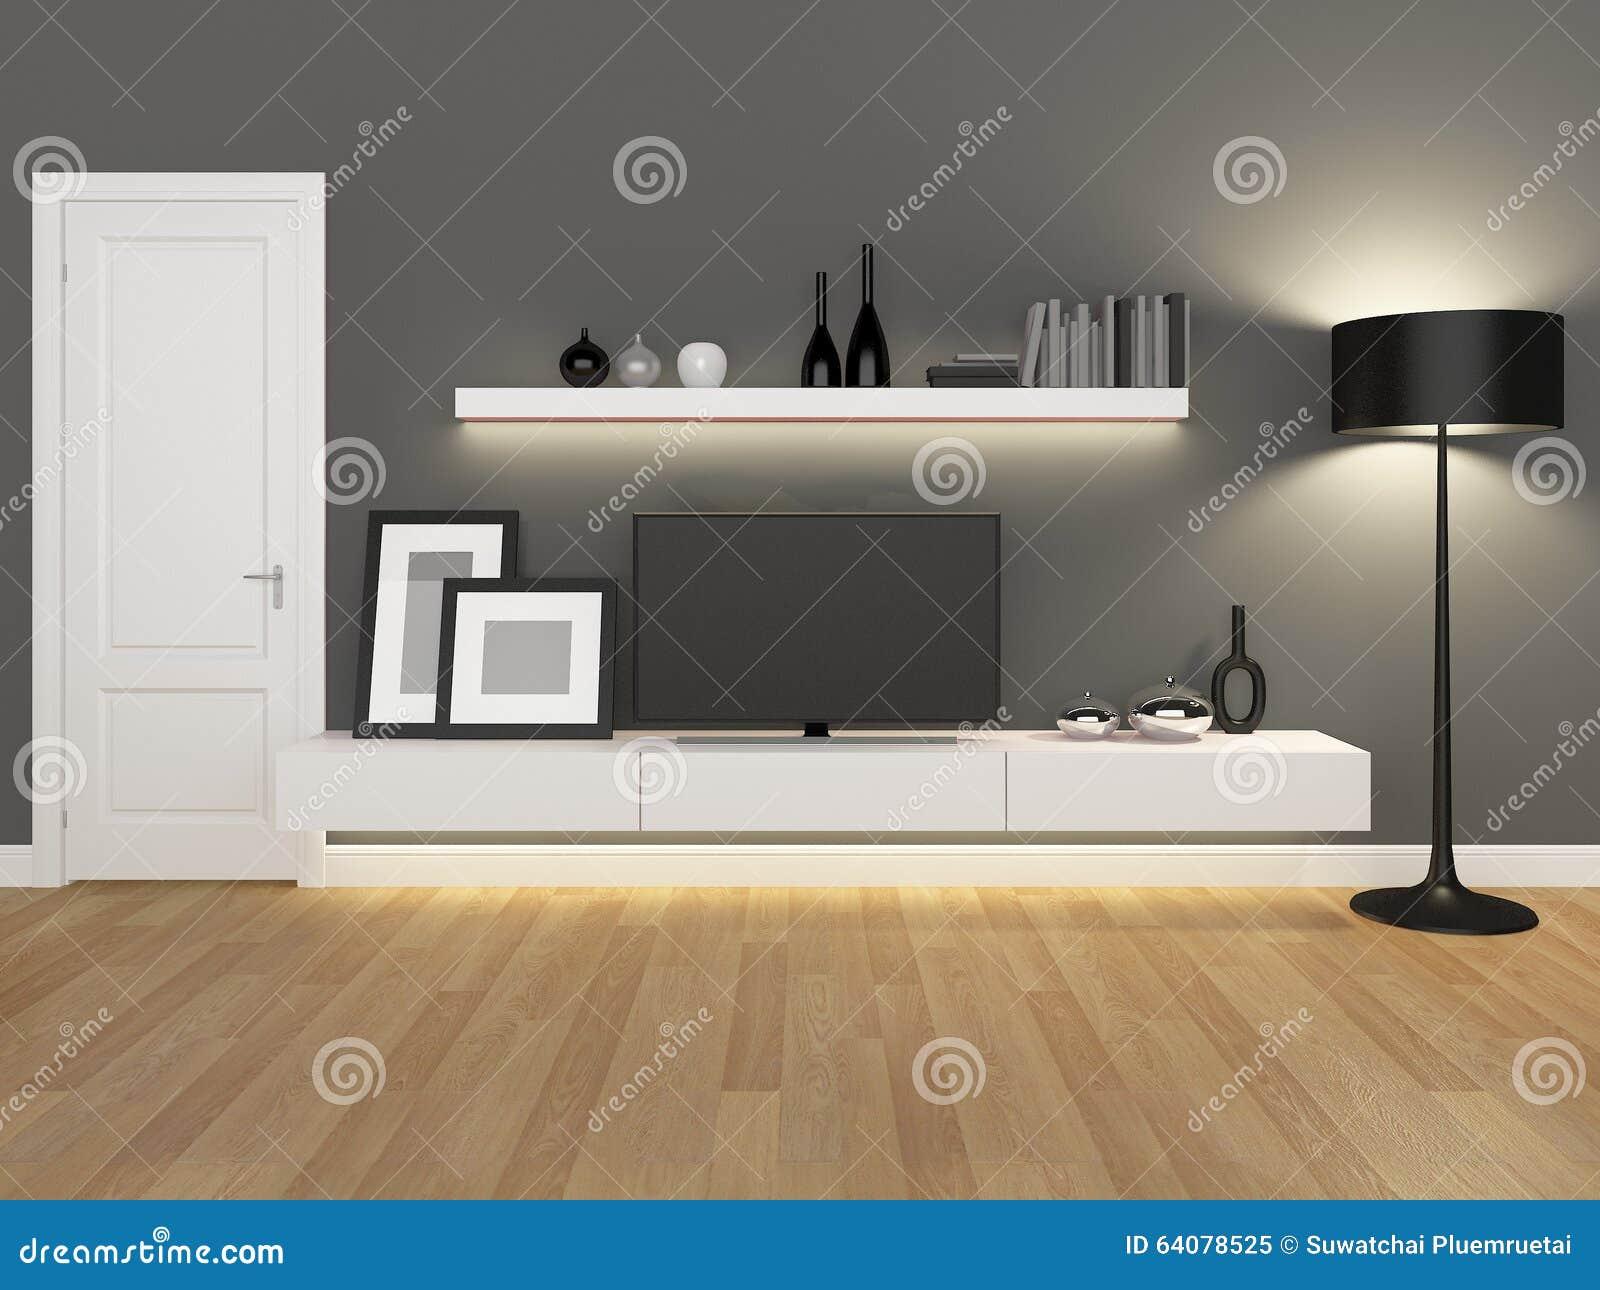 Grijs Laminaat Woonkamer : Grijze woonkamer met de tribune en de boekenkast van tv stock